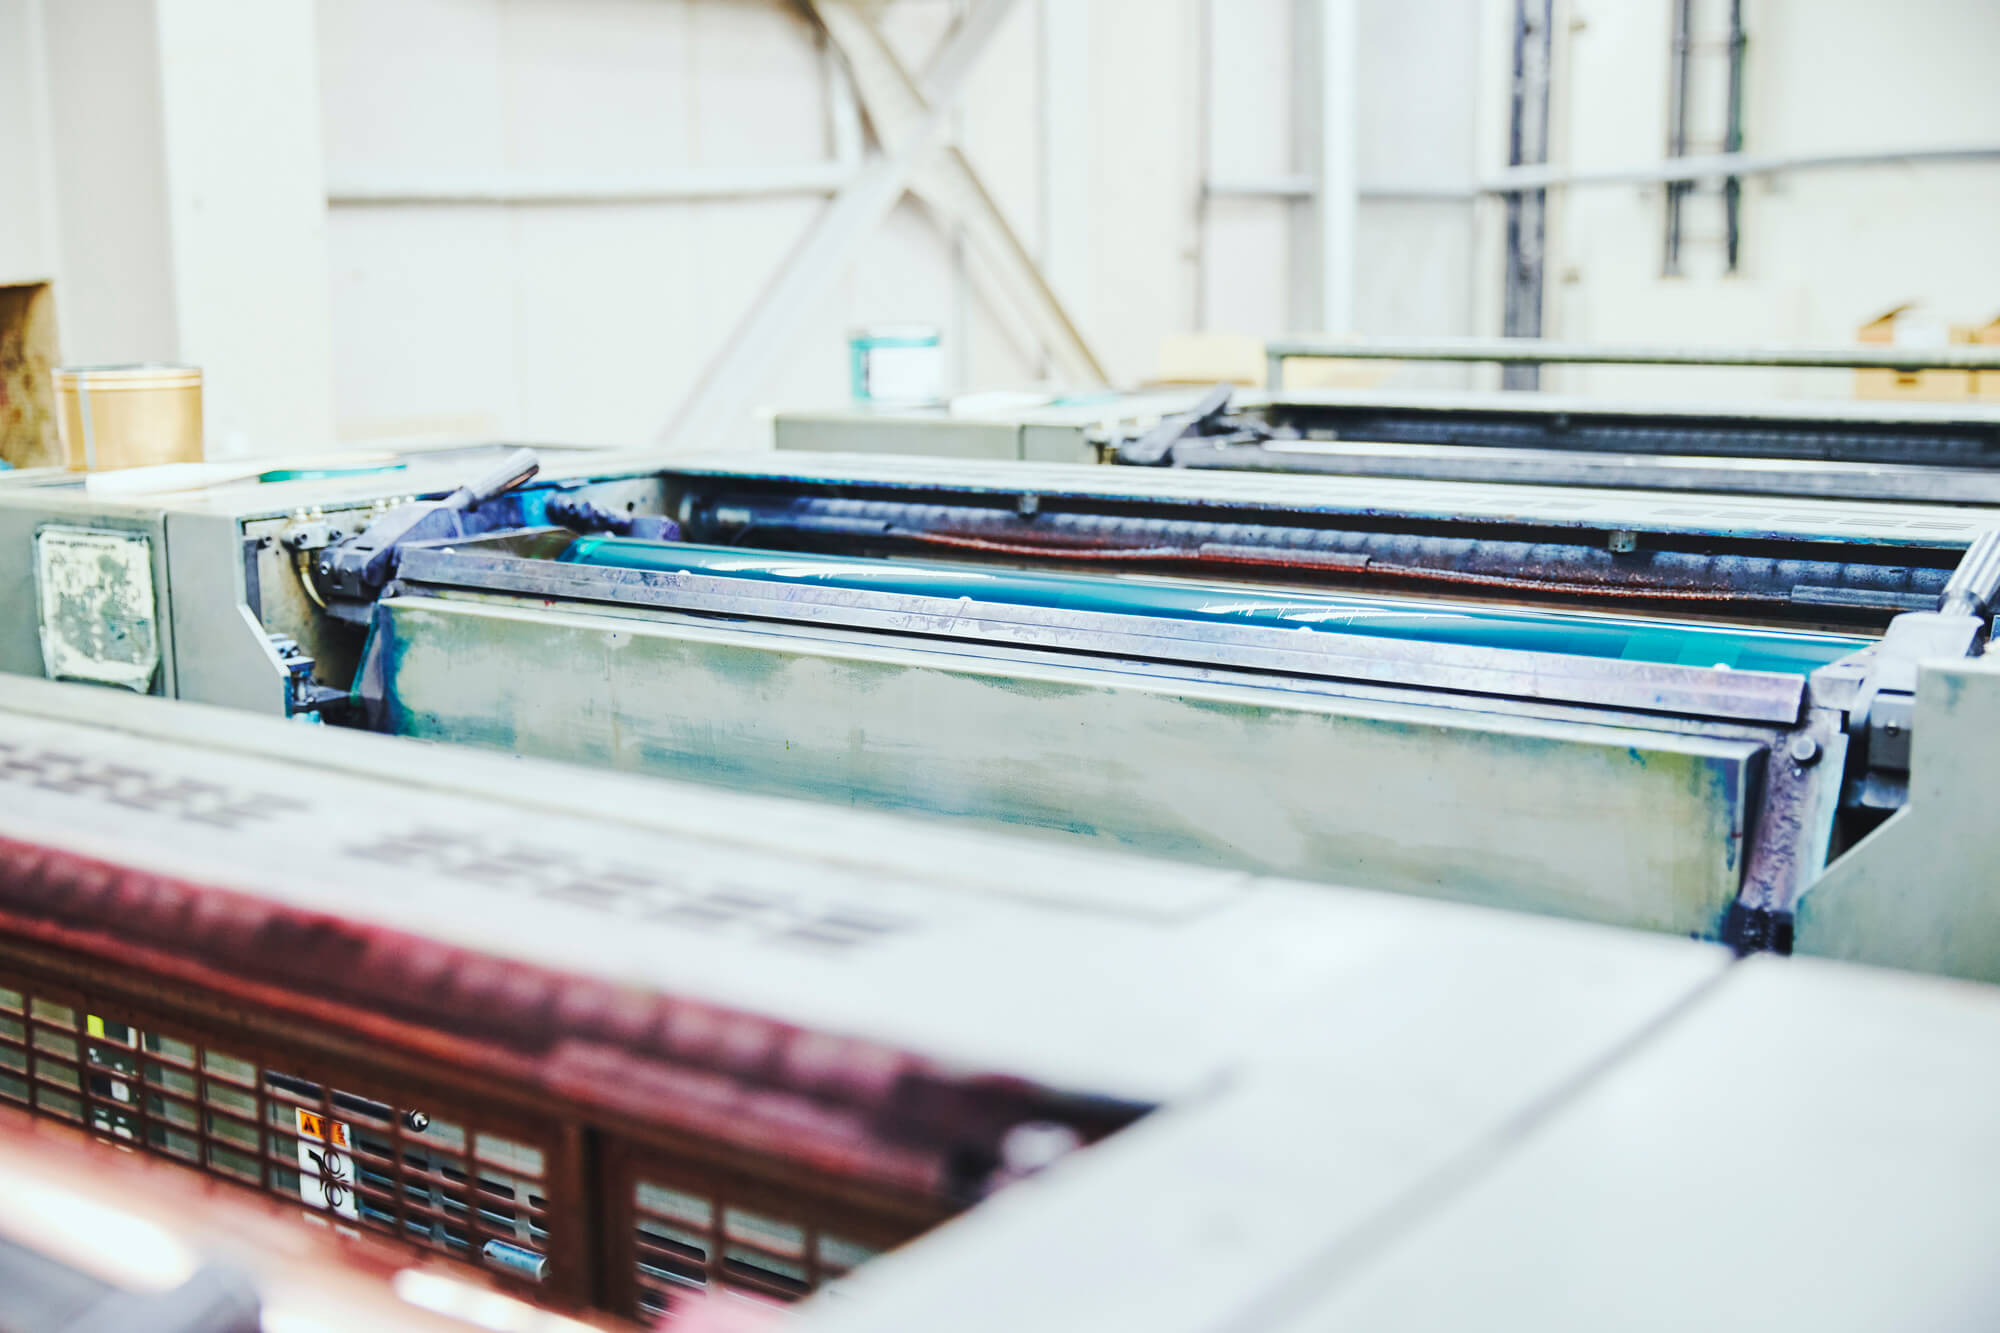 環境保全を考えた印刷方法